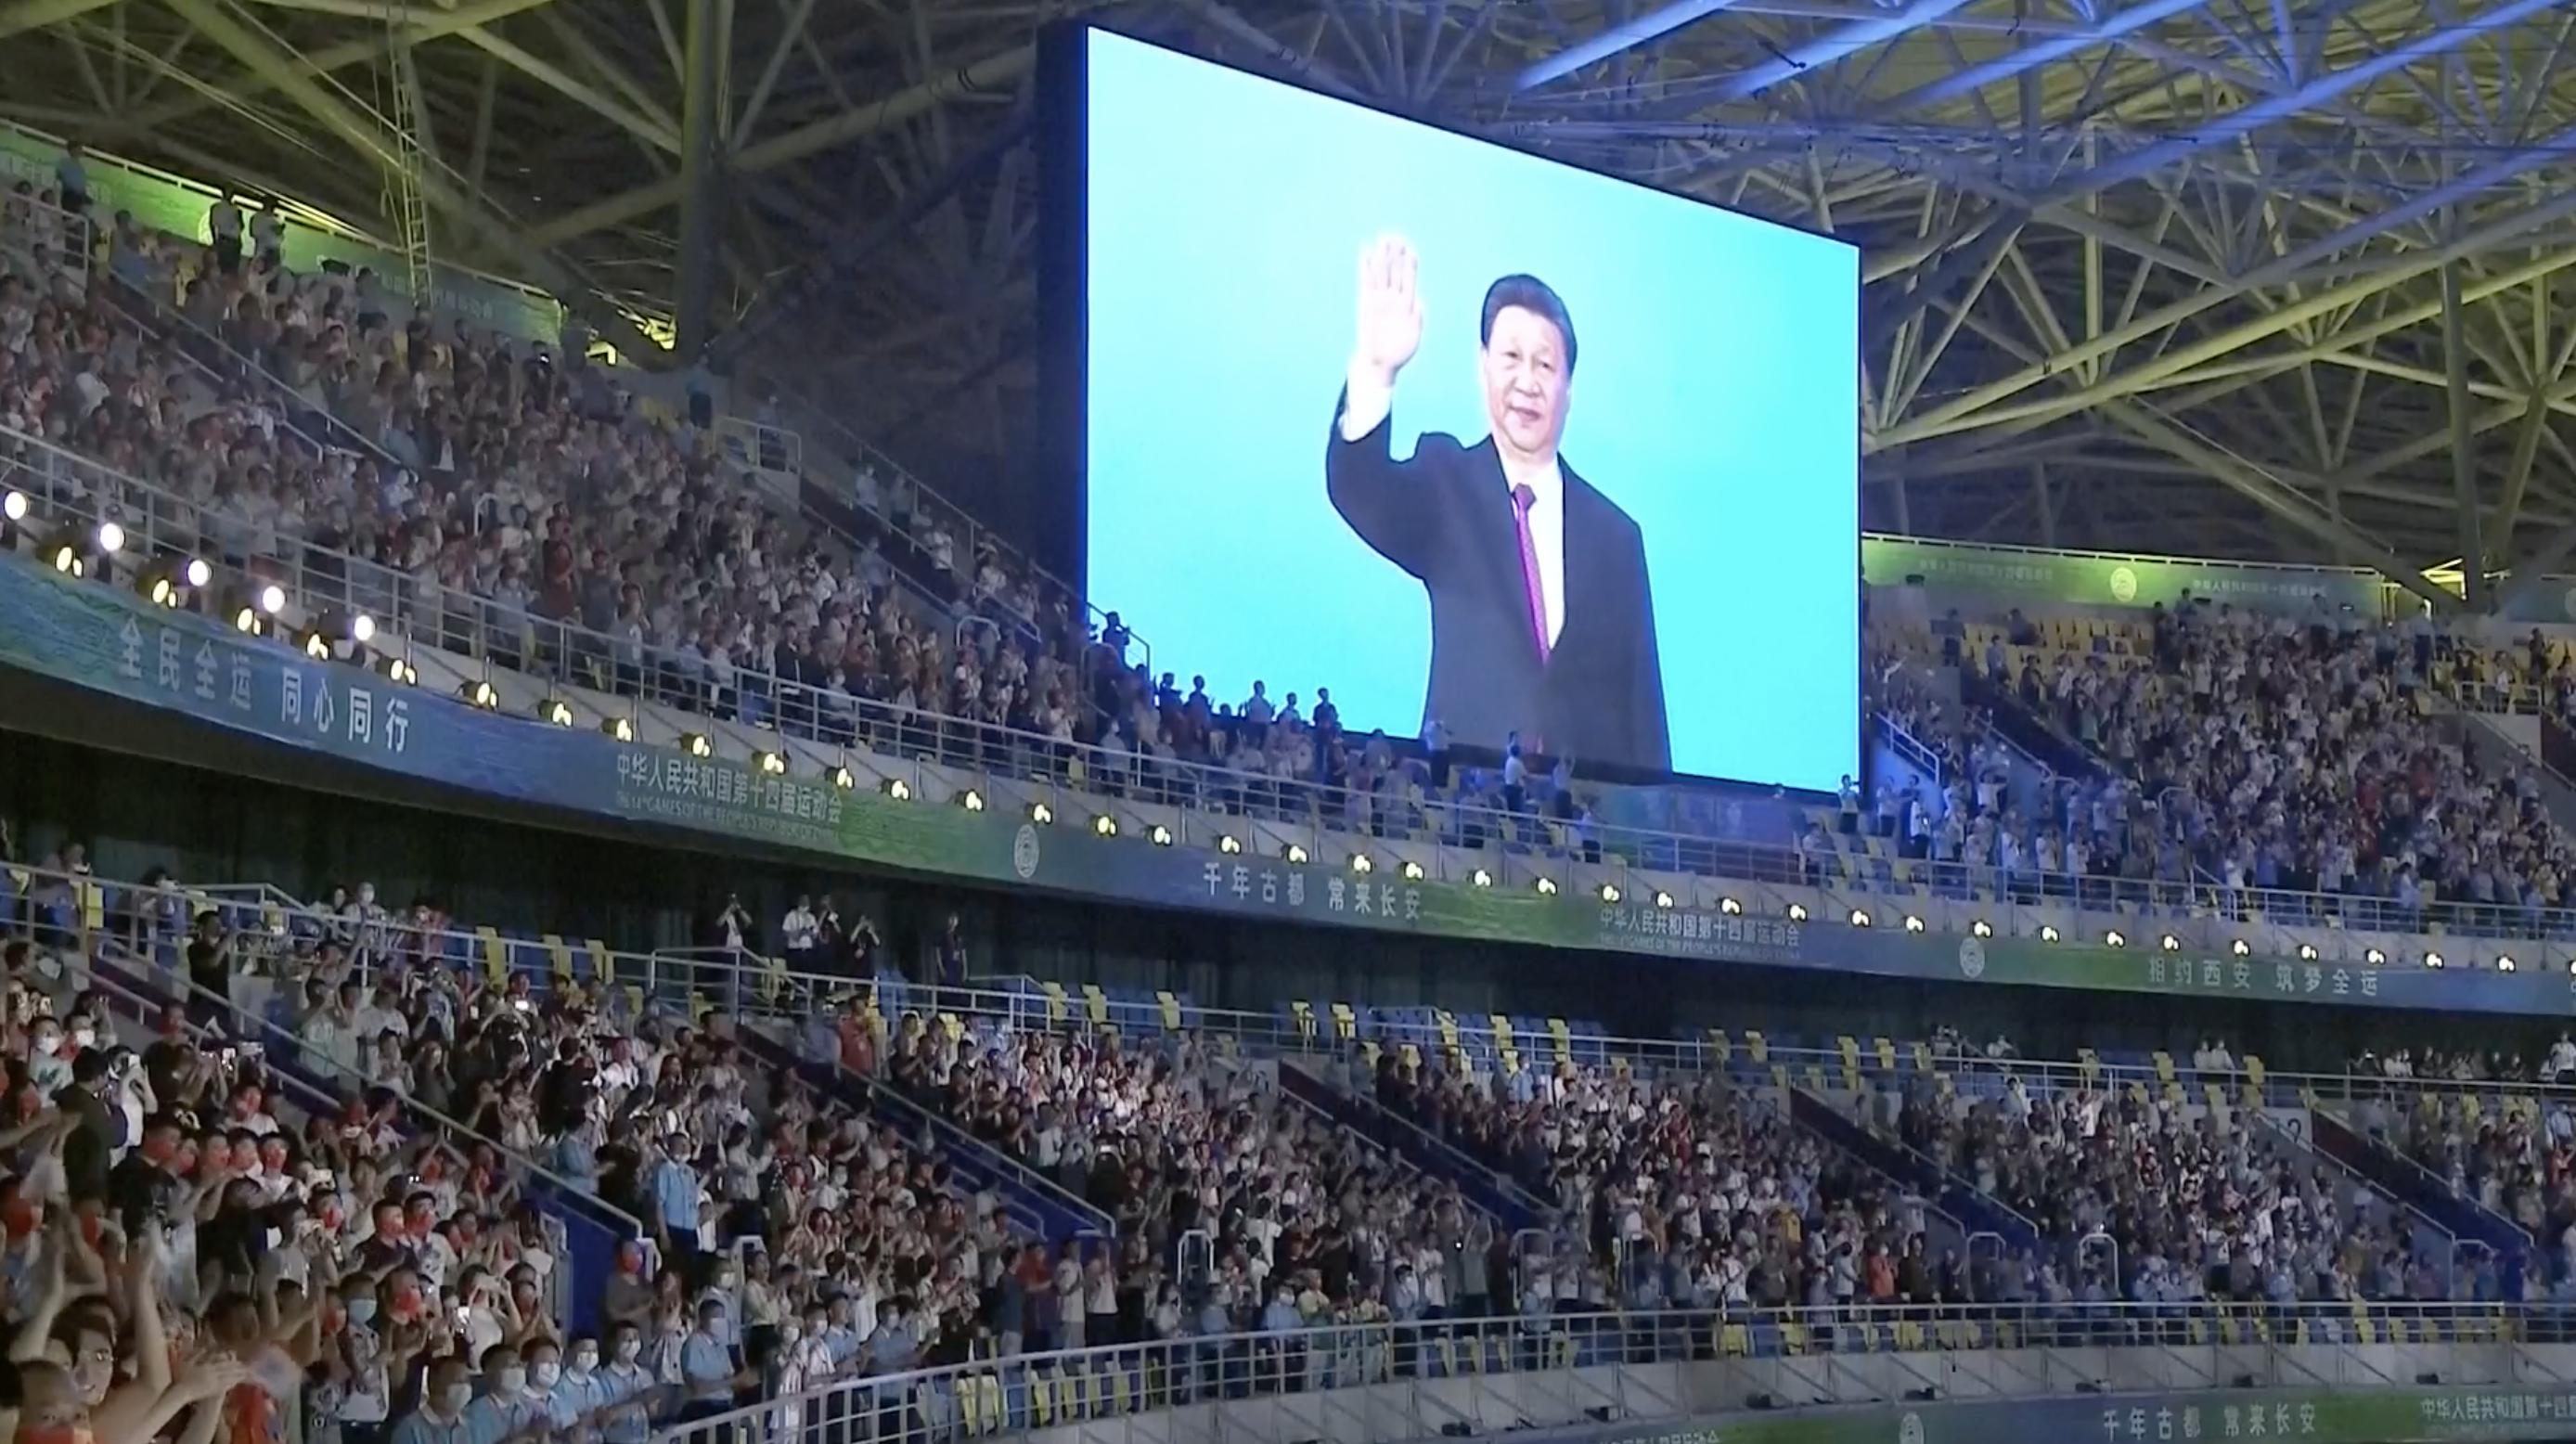 [특파원 리포트] 마스크 벗고 4만 명 빼곡…베이징 올림픽 향한 中 자신감 이면에는?